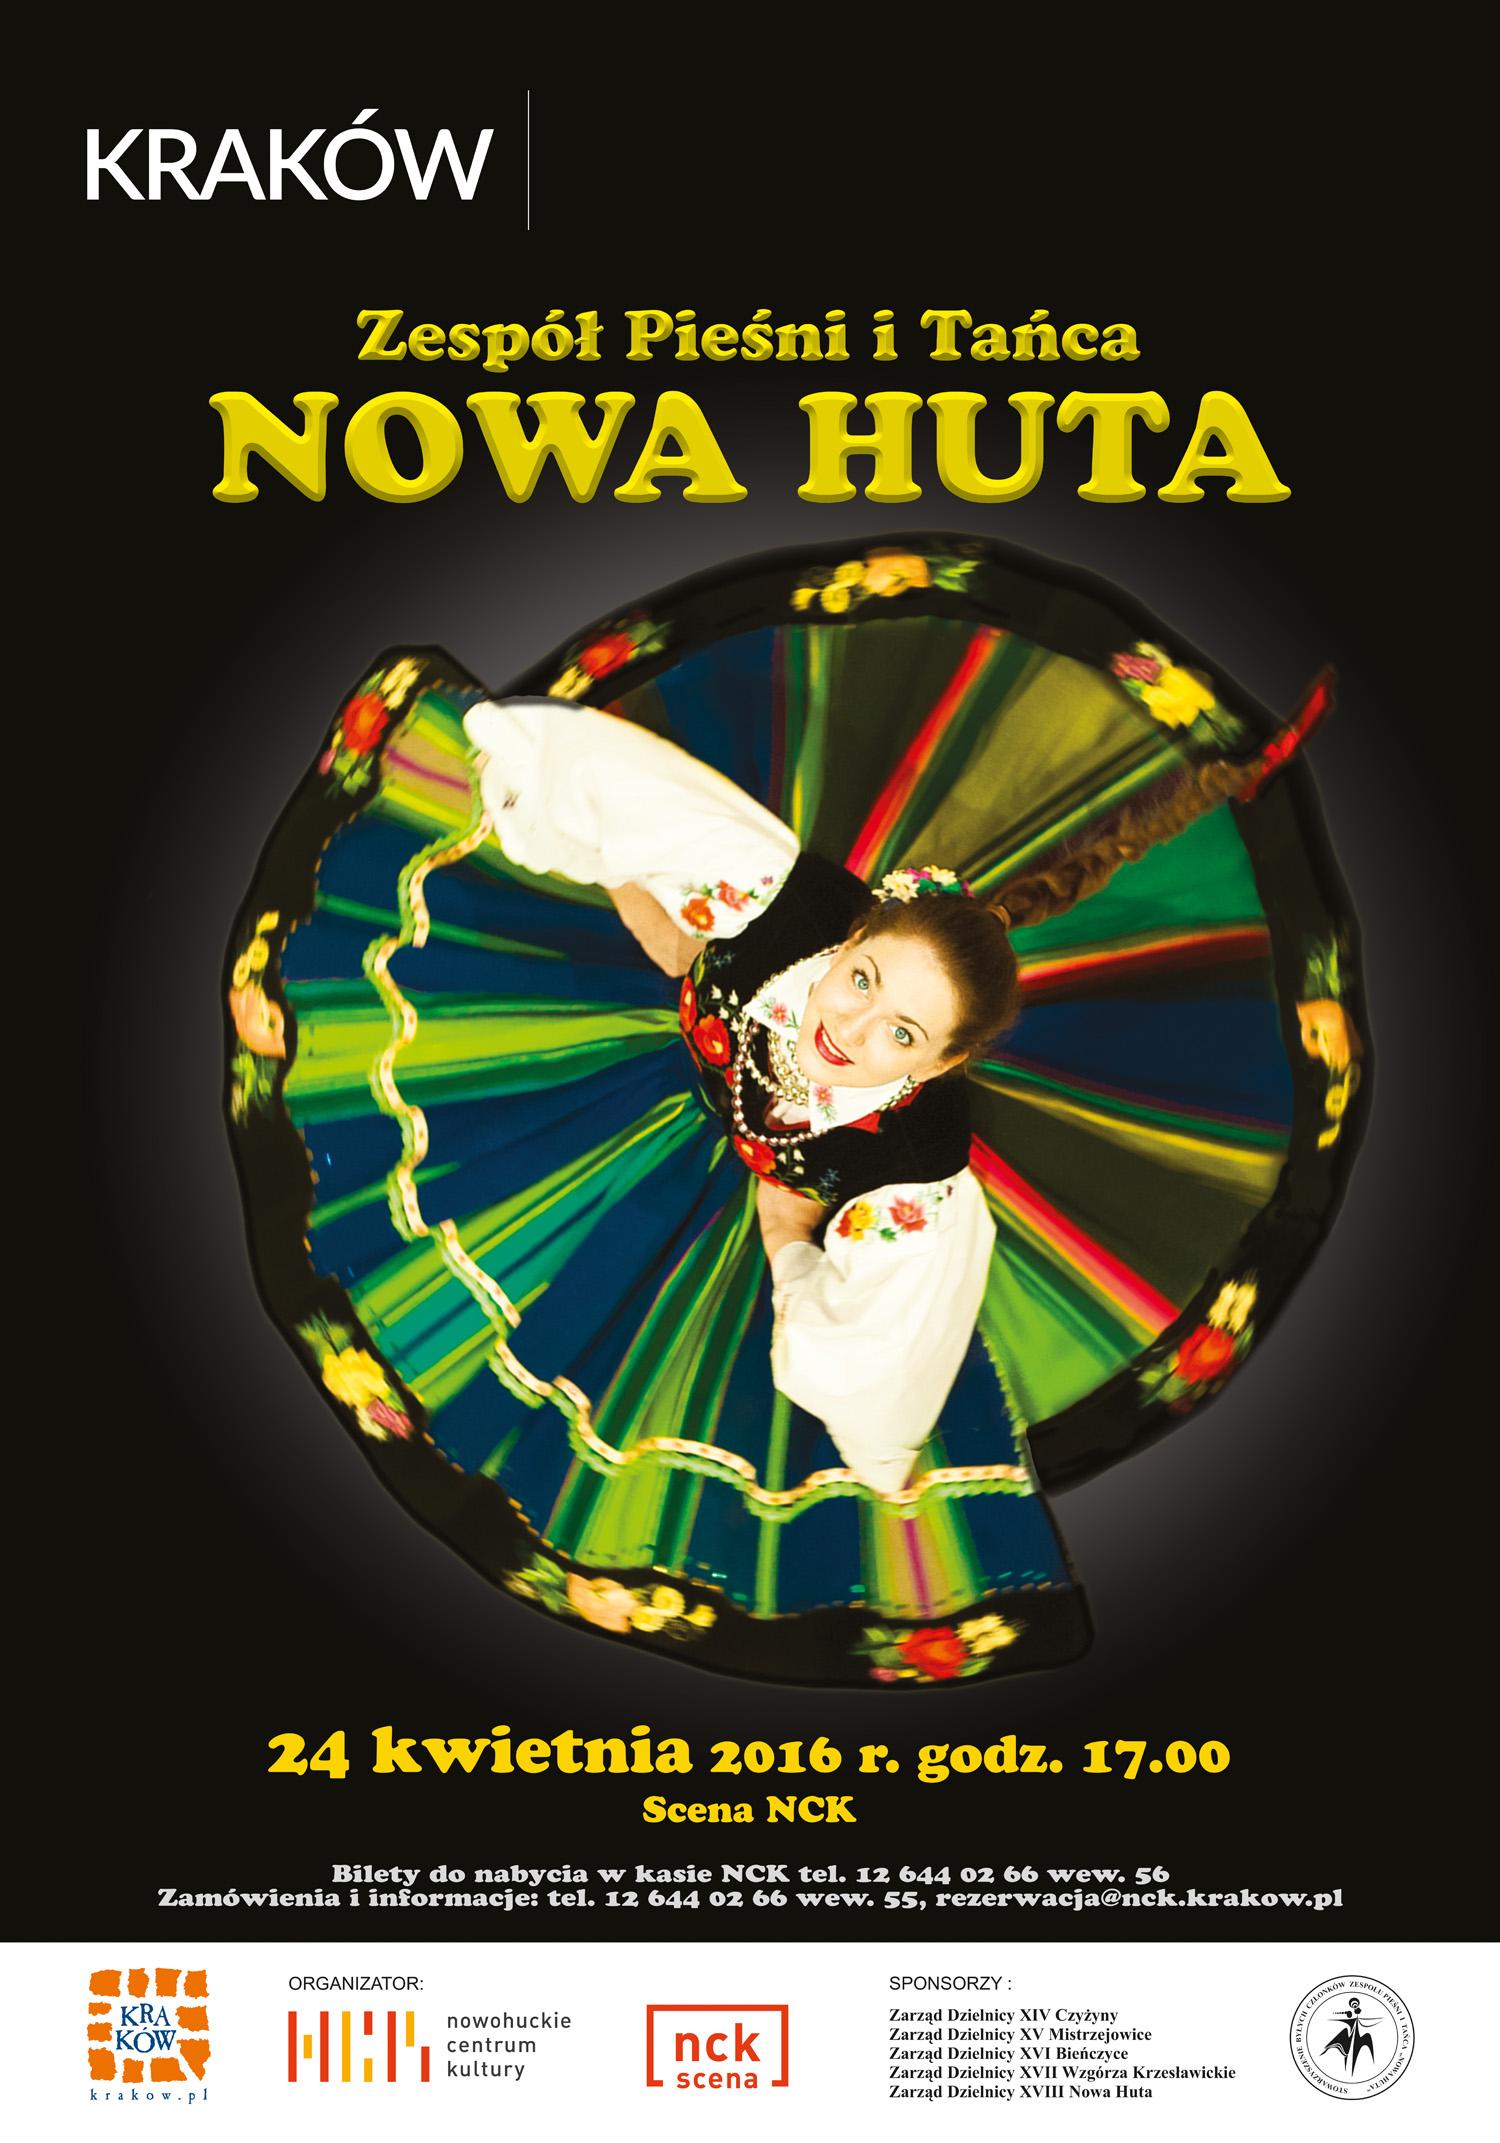 Wiosenny koncert Zespołu Pieśni i Tańca NOWA HUTA